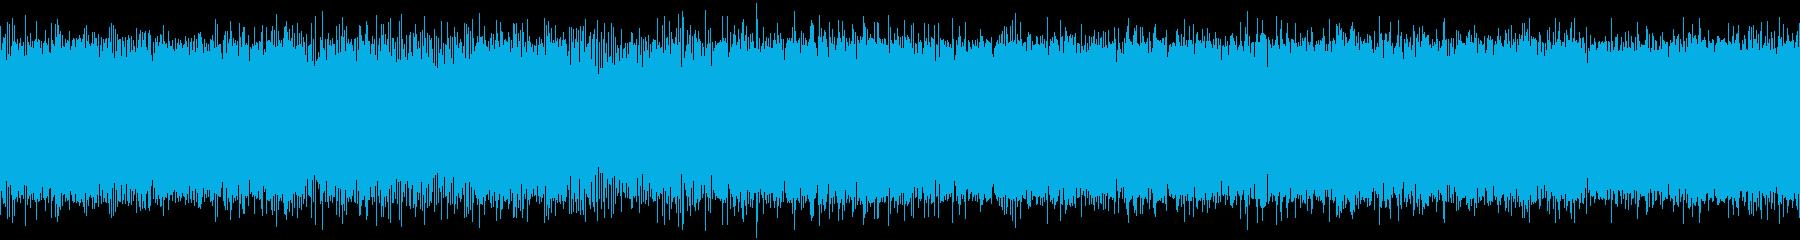 ヘリコプターの飛行中の音の再生済みの波形